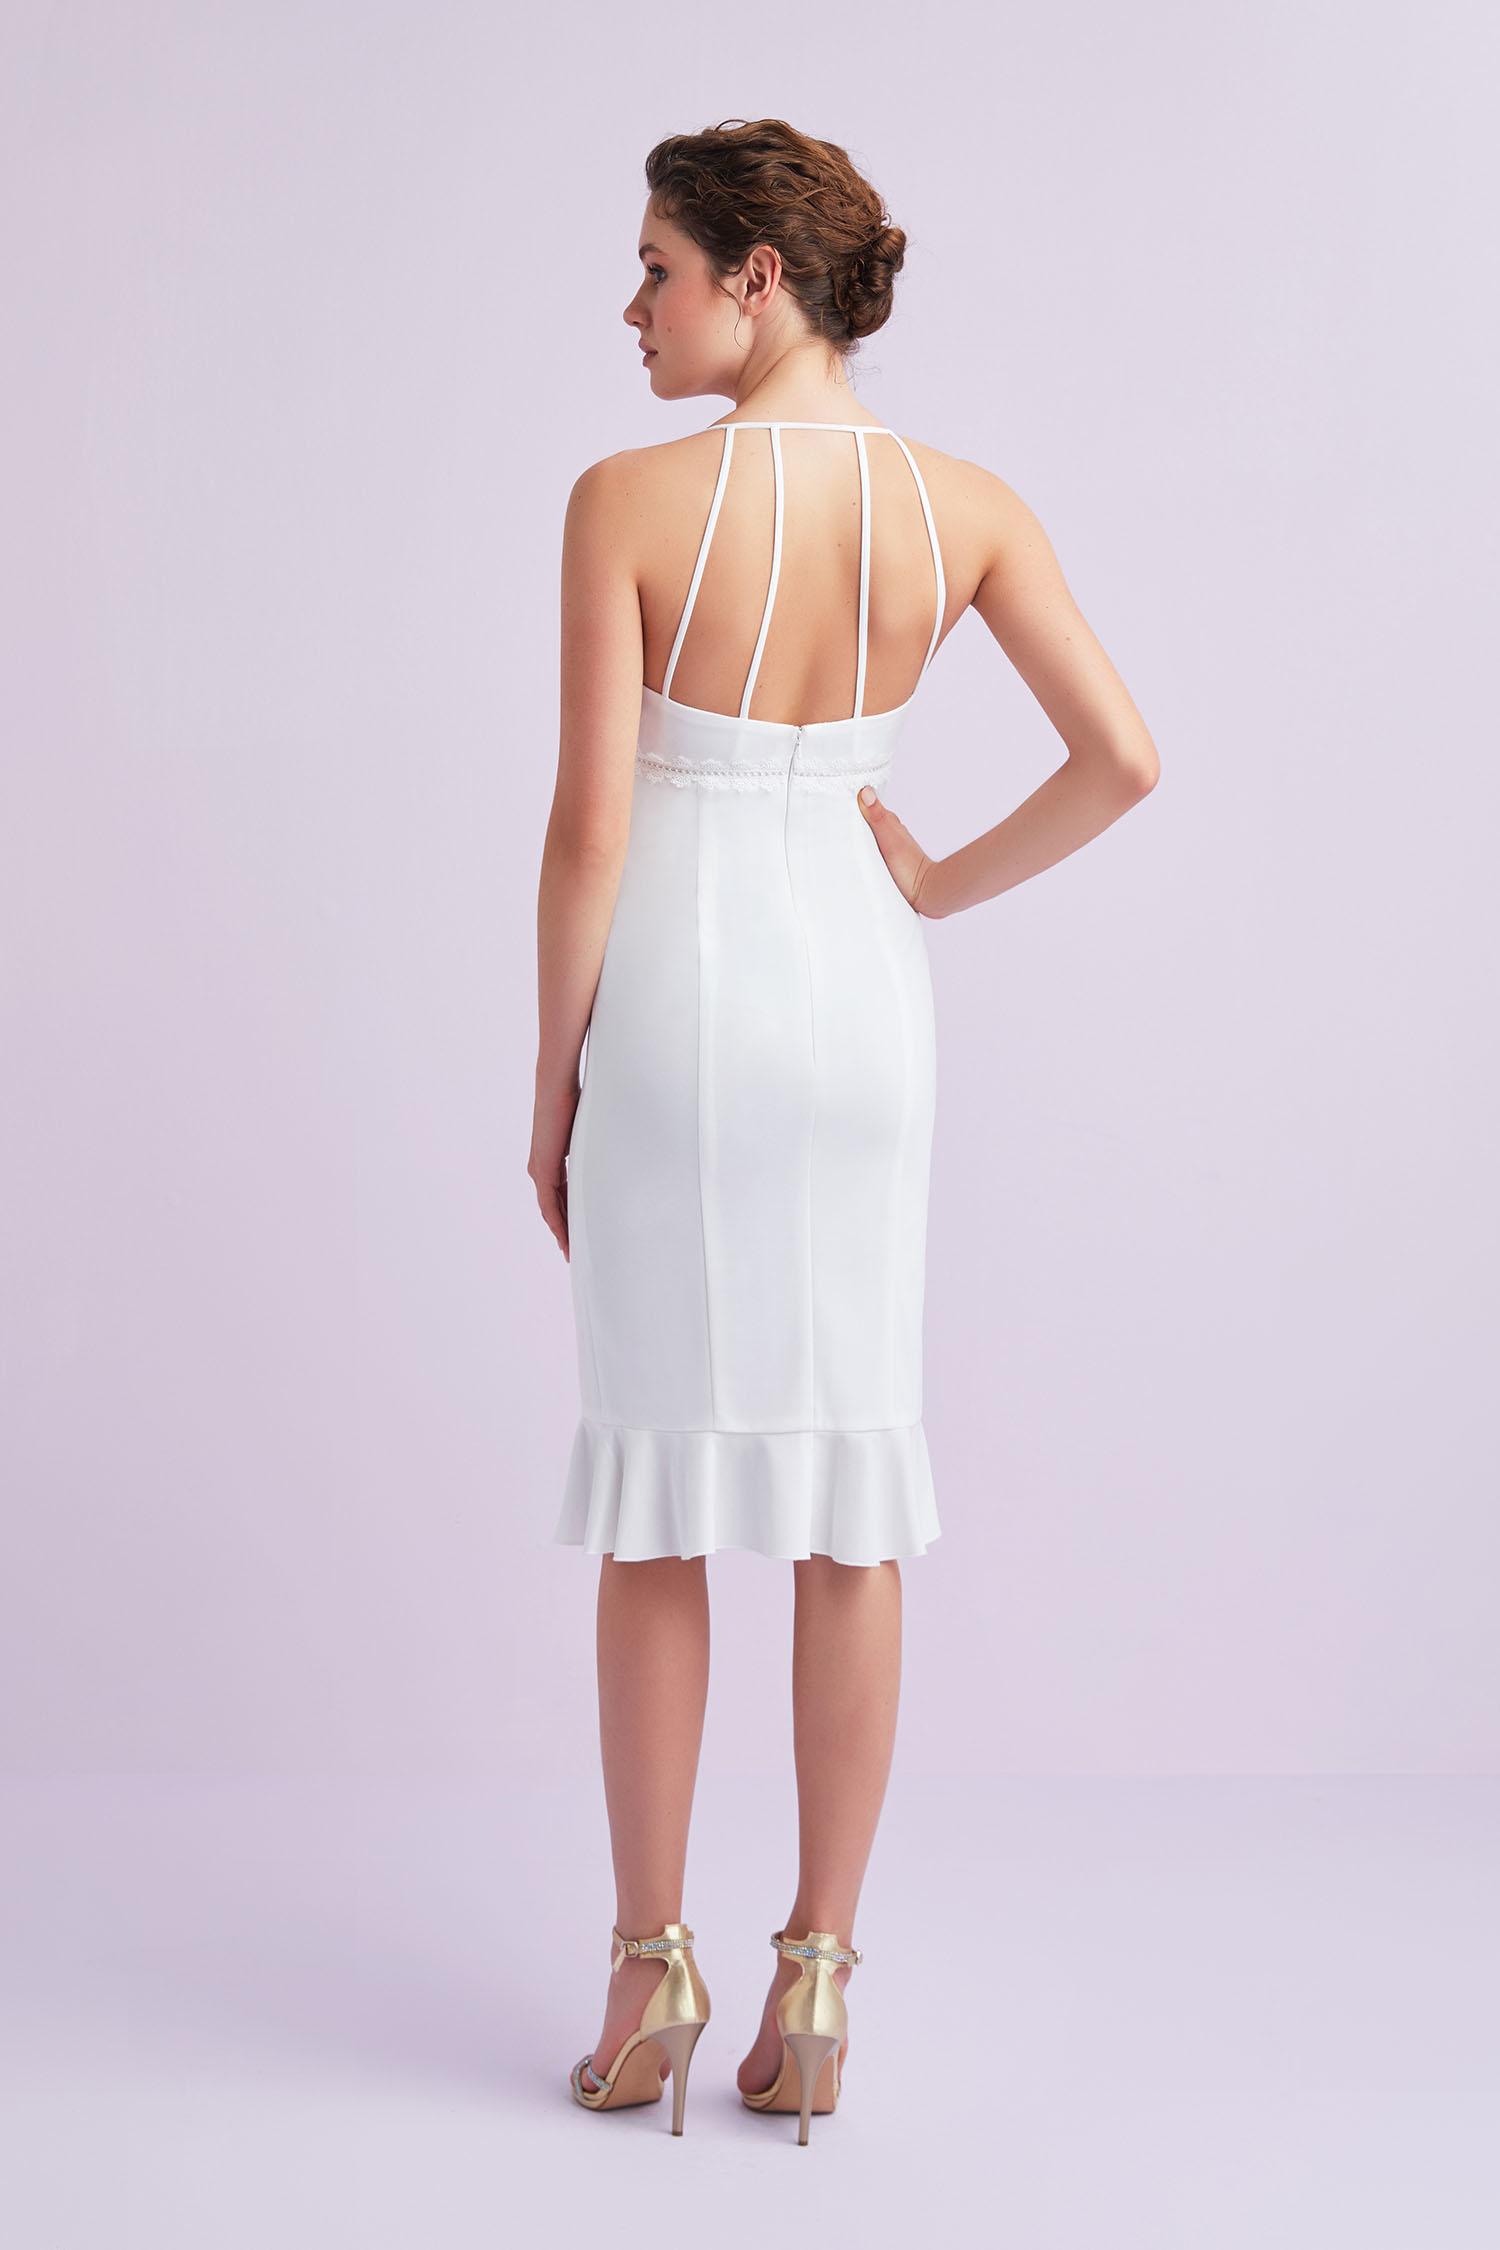 Beyaz İnce Askılı Krep Kısa Büyük Beden Nikah Elbisesi - Thumbnail